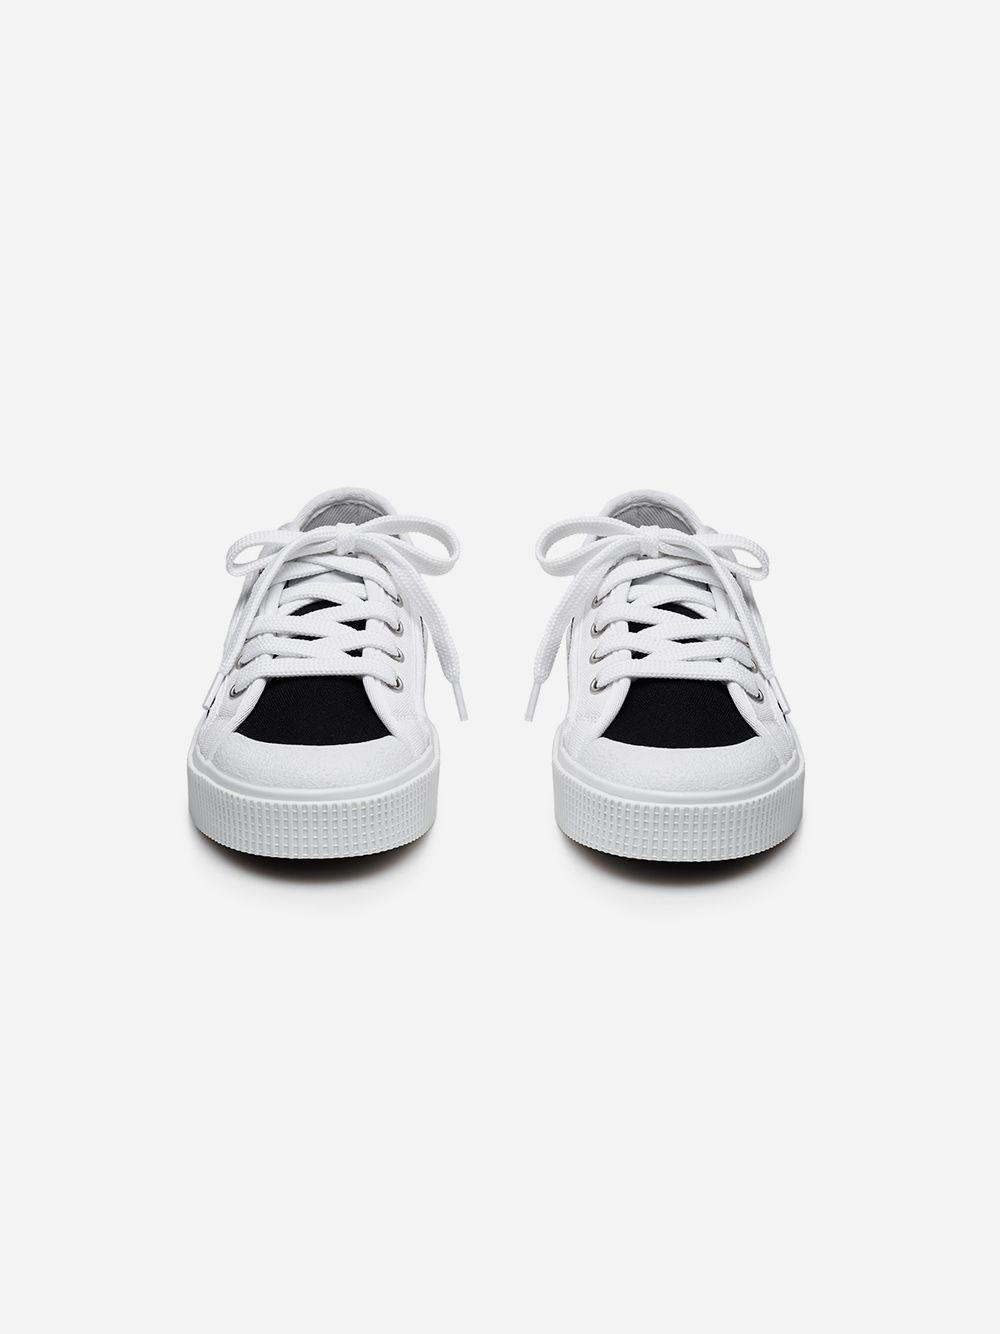 Sapatilha K200 Preto & Branco | Sanjo